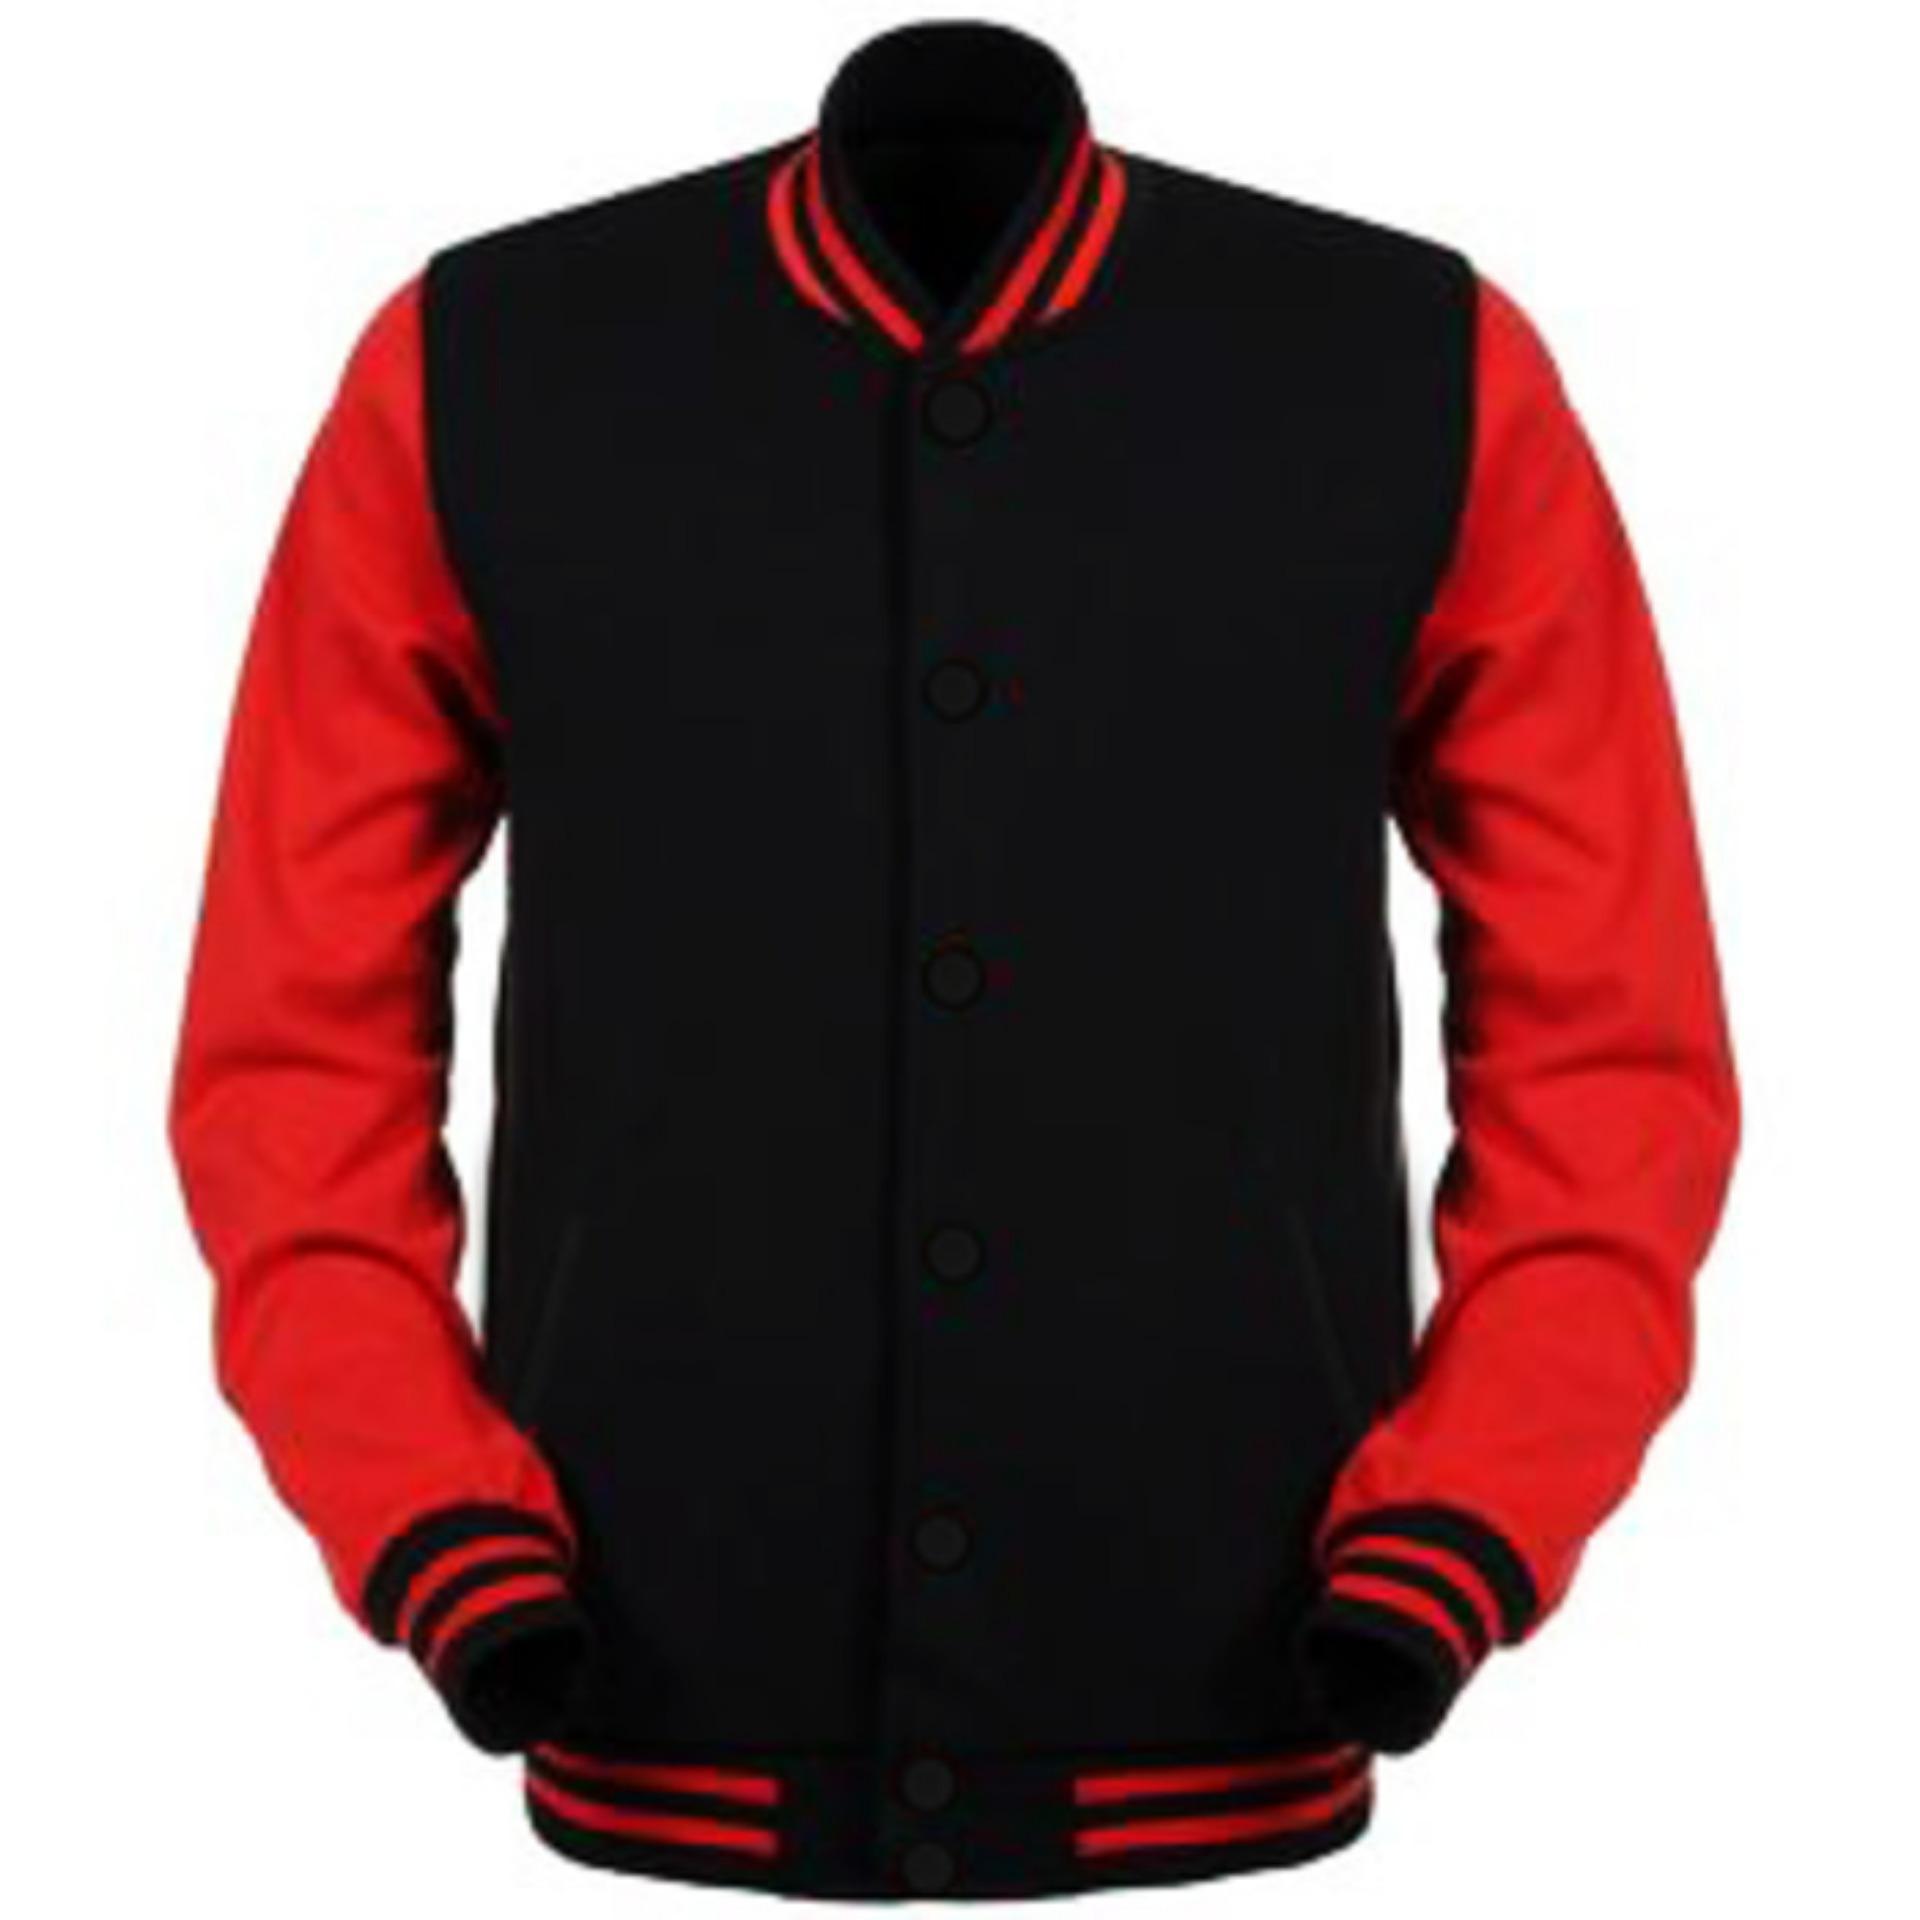 [HARGA GROSIR] Jaket Baseball Varsity Polos Hitam - Merah